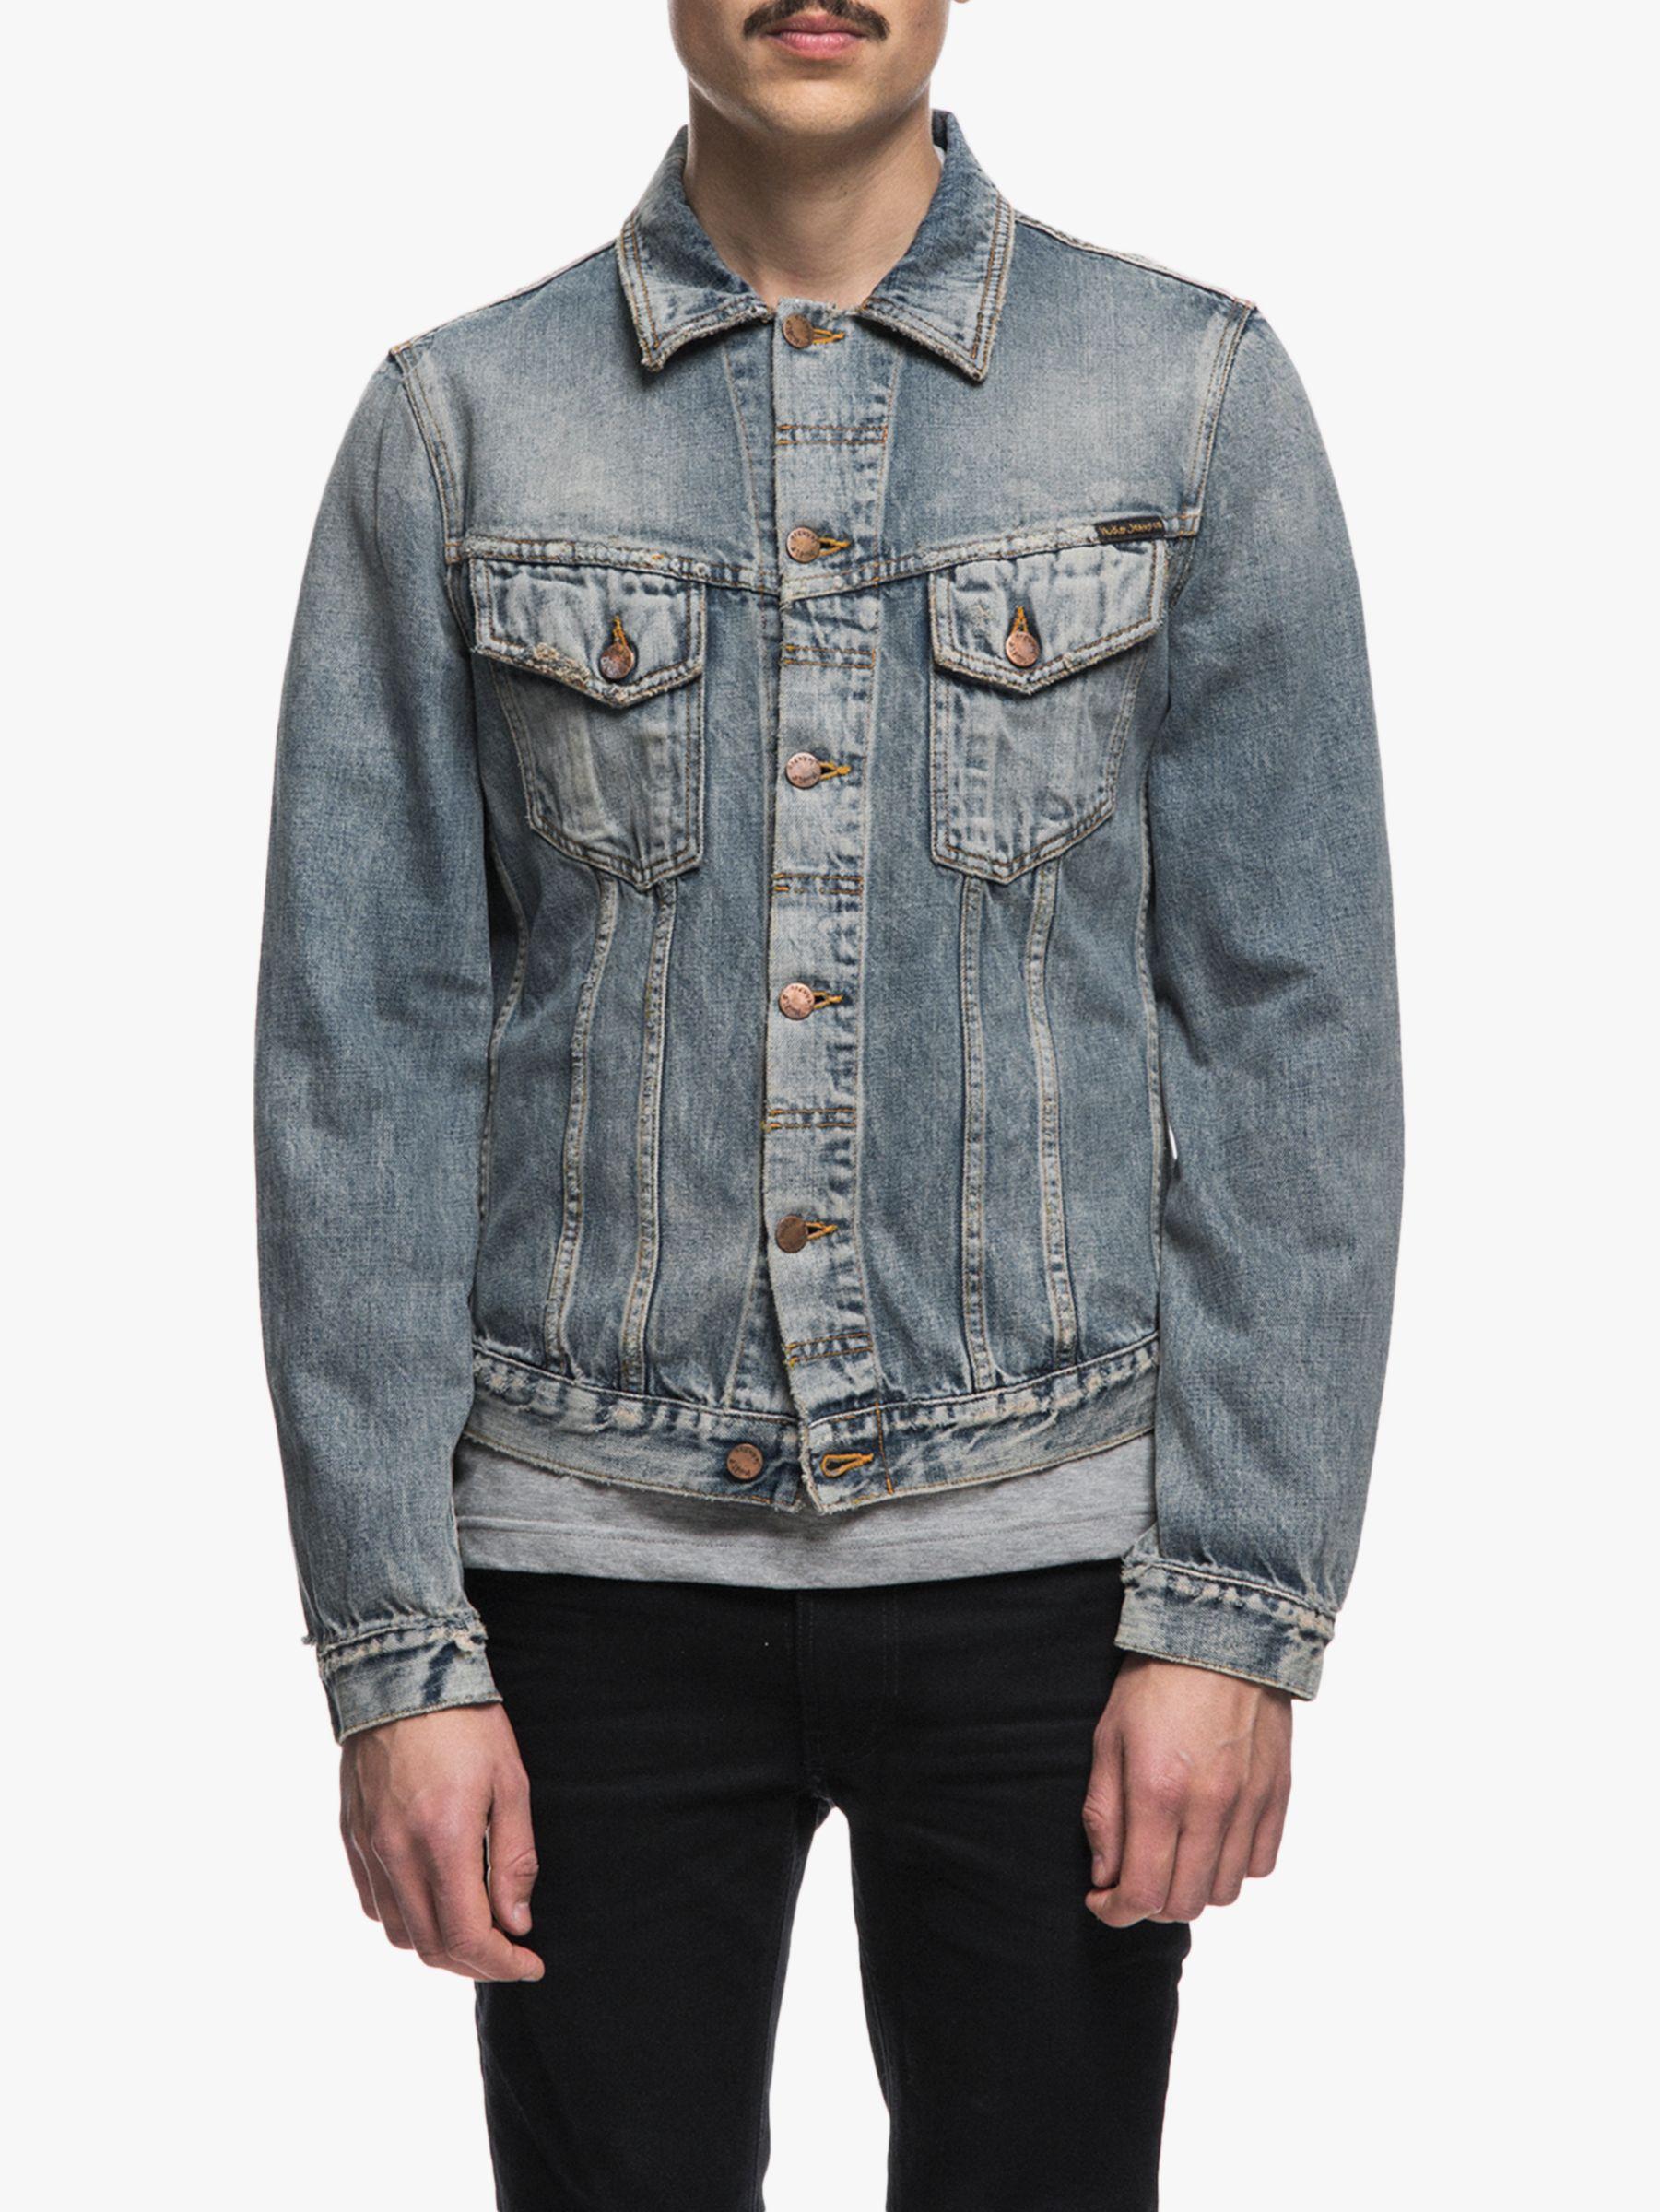 Nudie Jeans Nudie Jeans Billy Denim Jacket, Shimmering Indigo